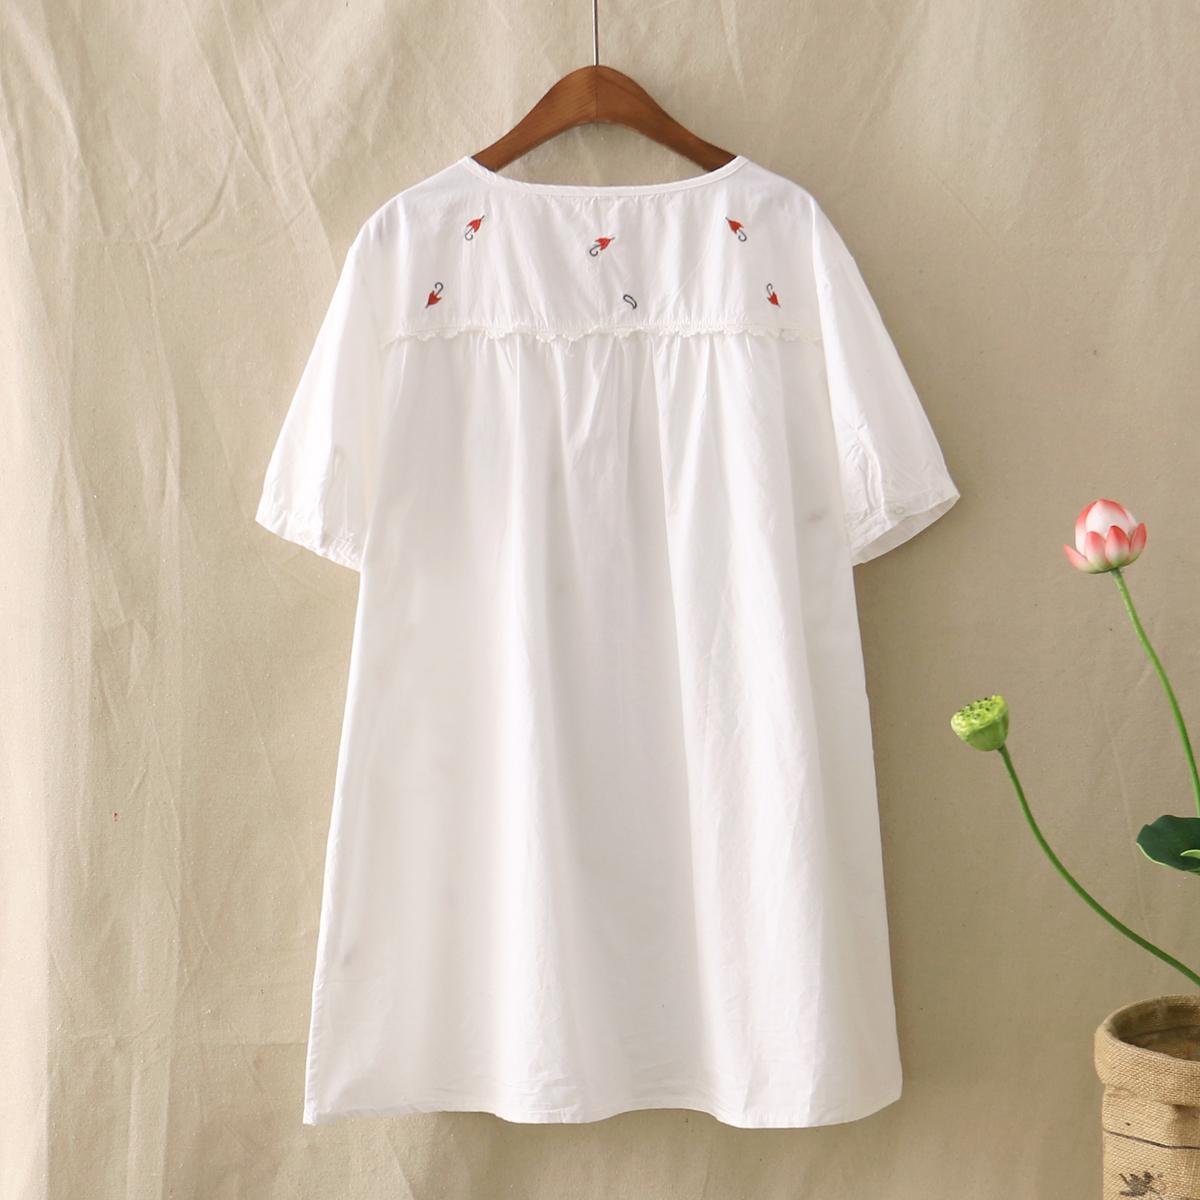 森女日系夏装レース小雨傘刺繍亜麻レジャーゆったり円襟Tシャツ,タオバオ代行-代行奈々